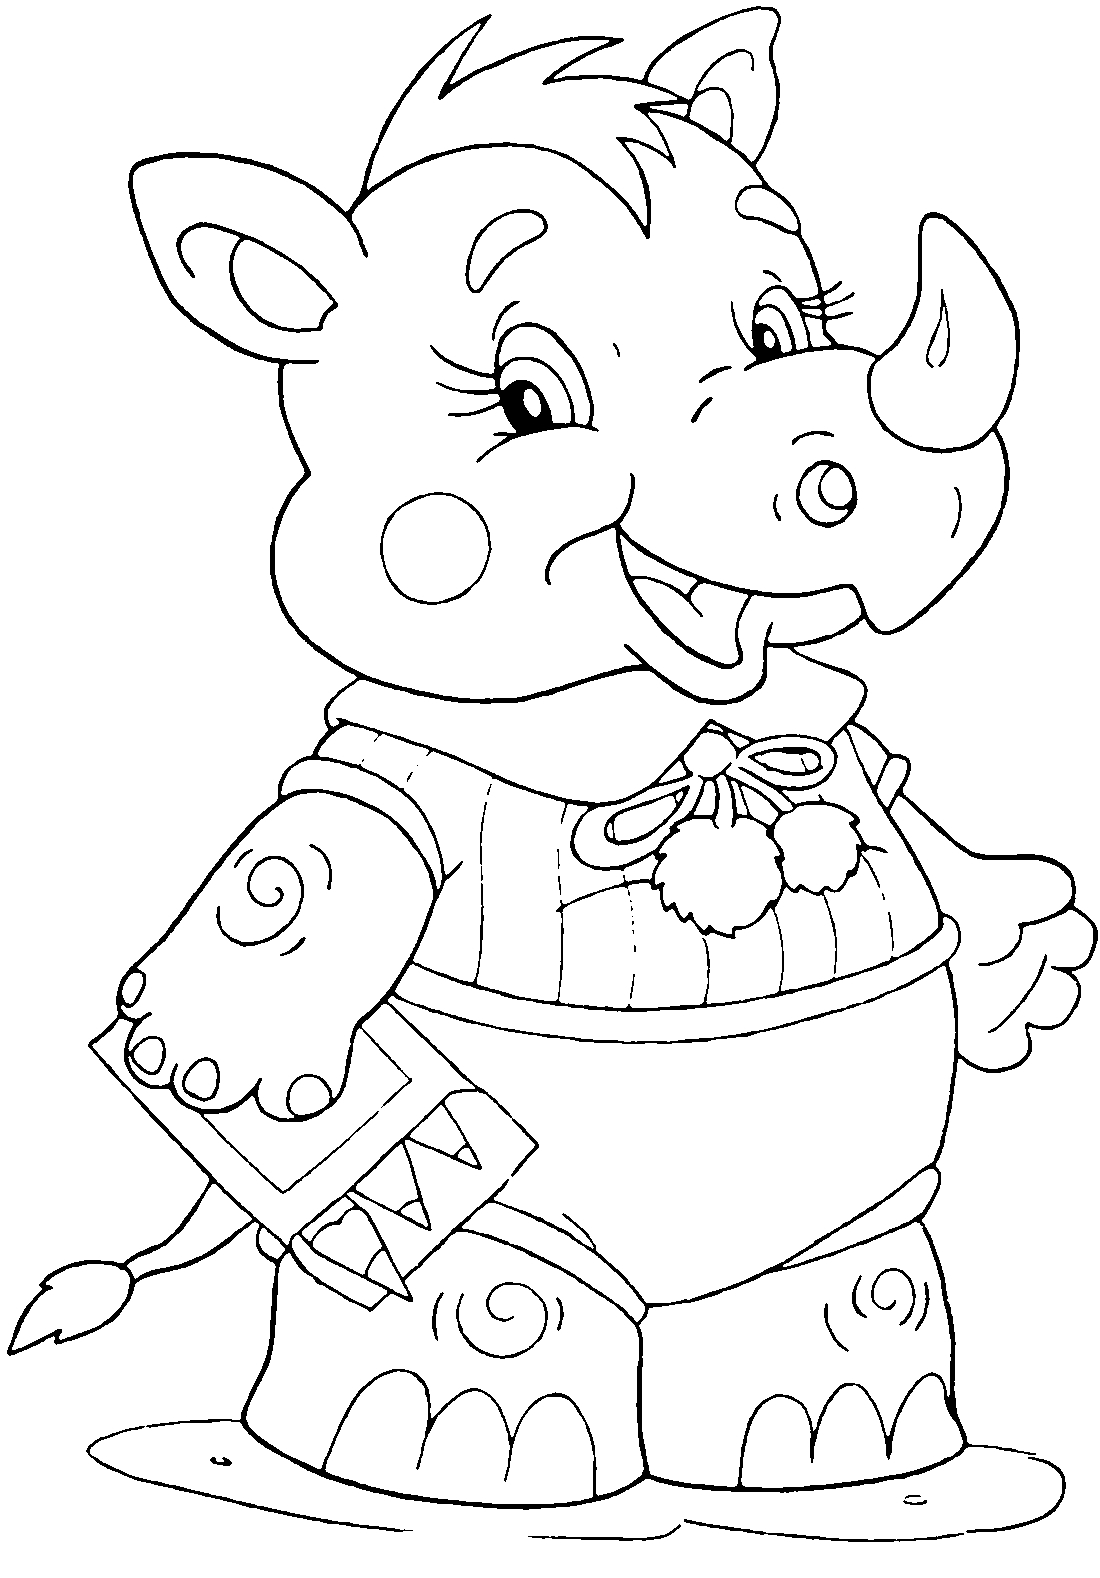 Носорог с карандашами - раскраска №13608 | Printonic.ru